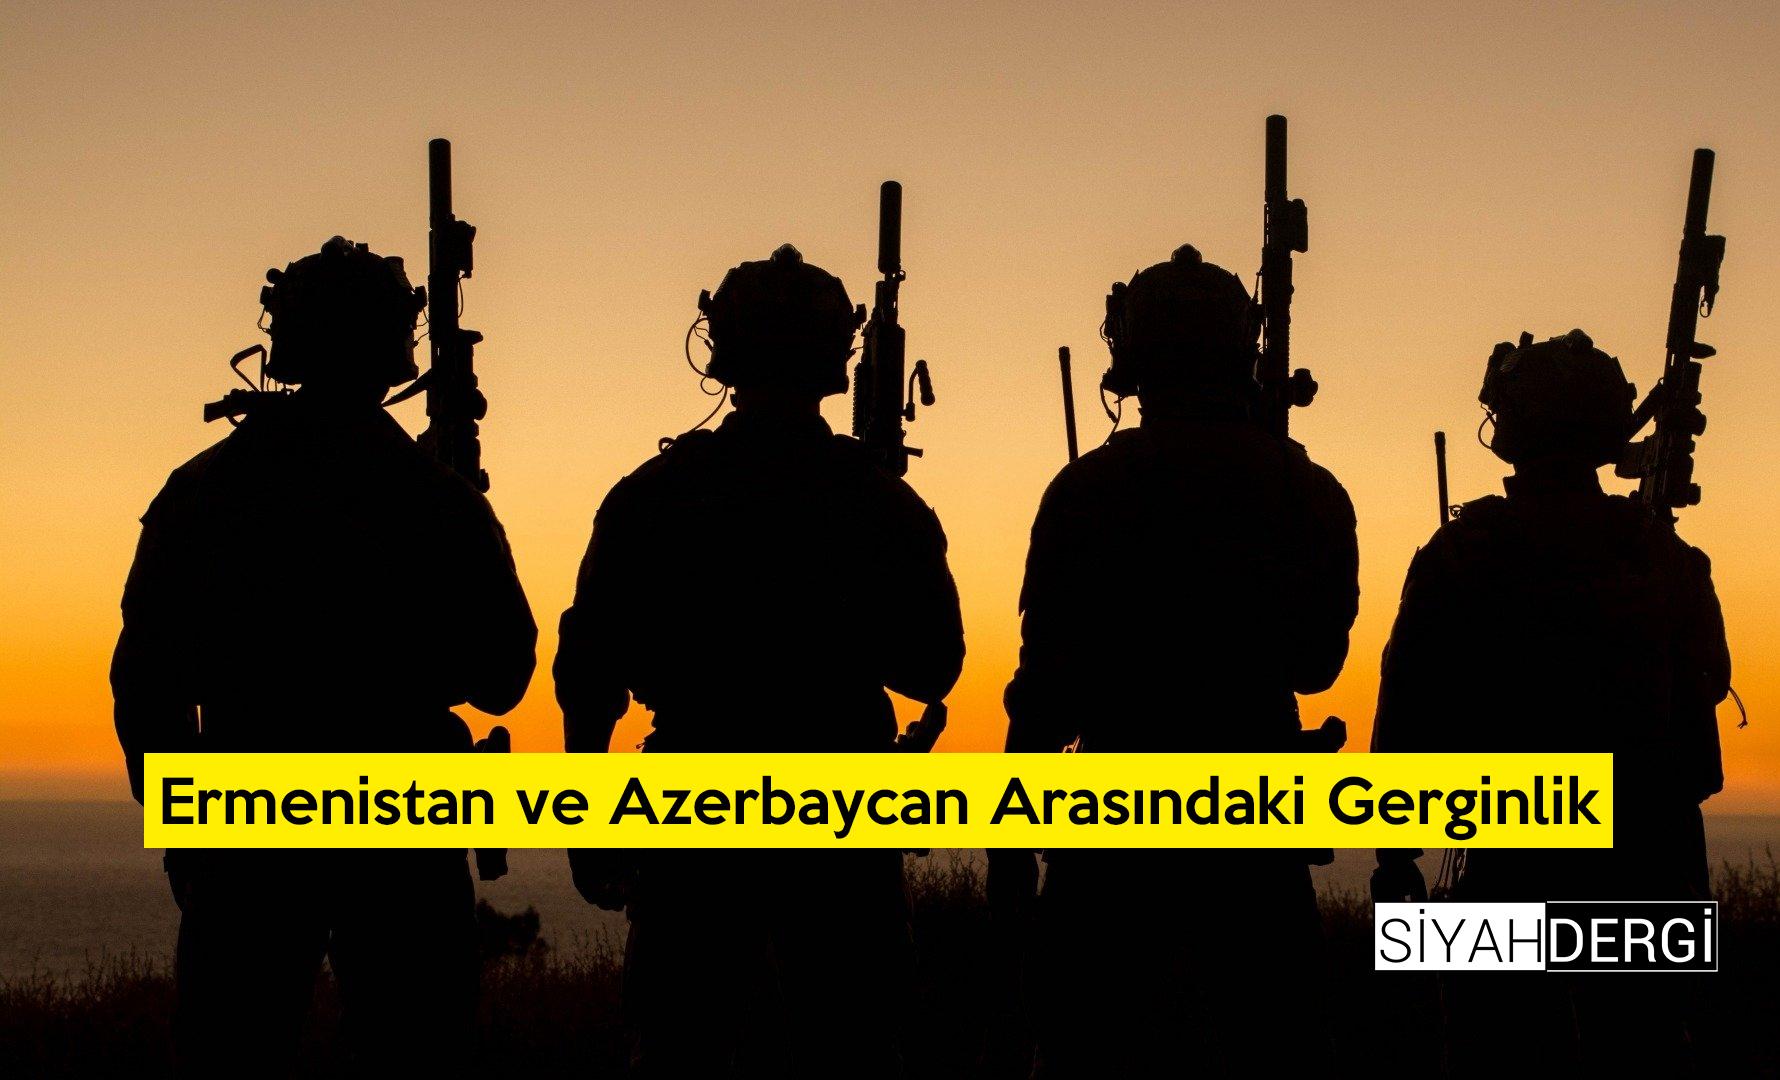 Ermenistan ve Azerbaycan Arasındaki Gerginlik